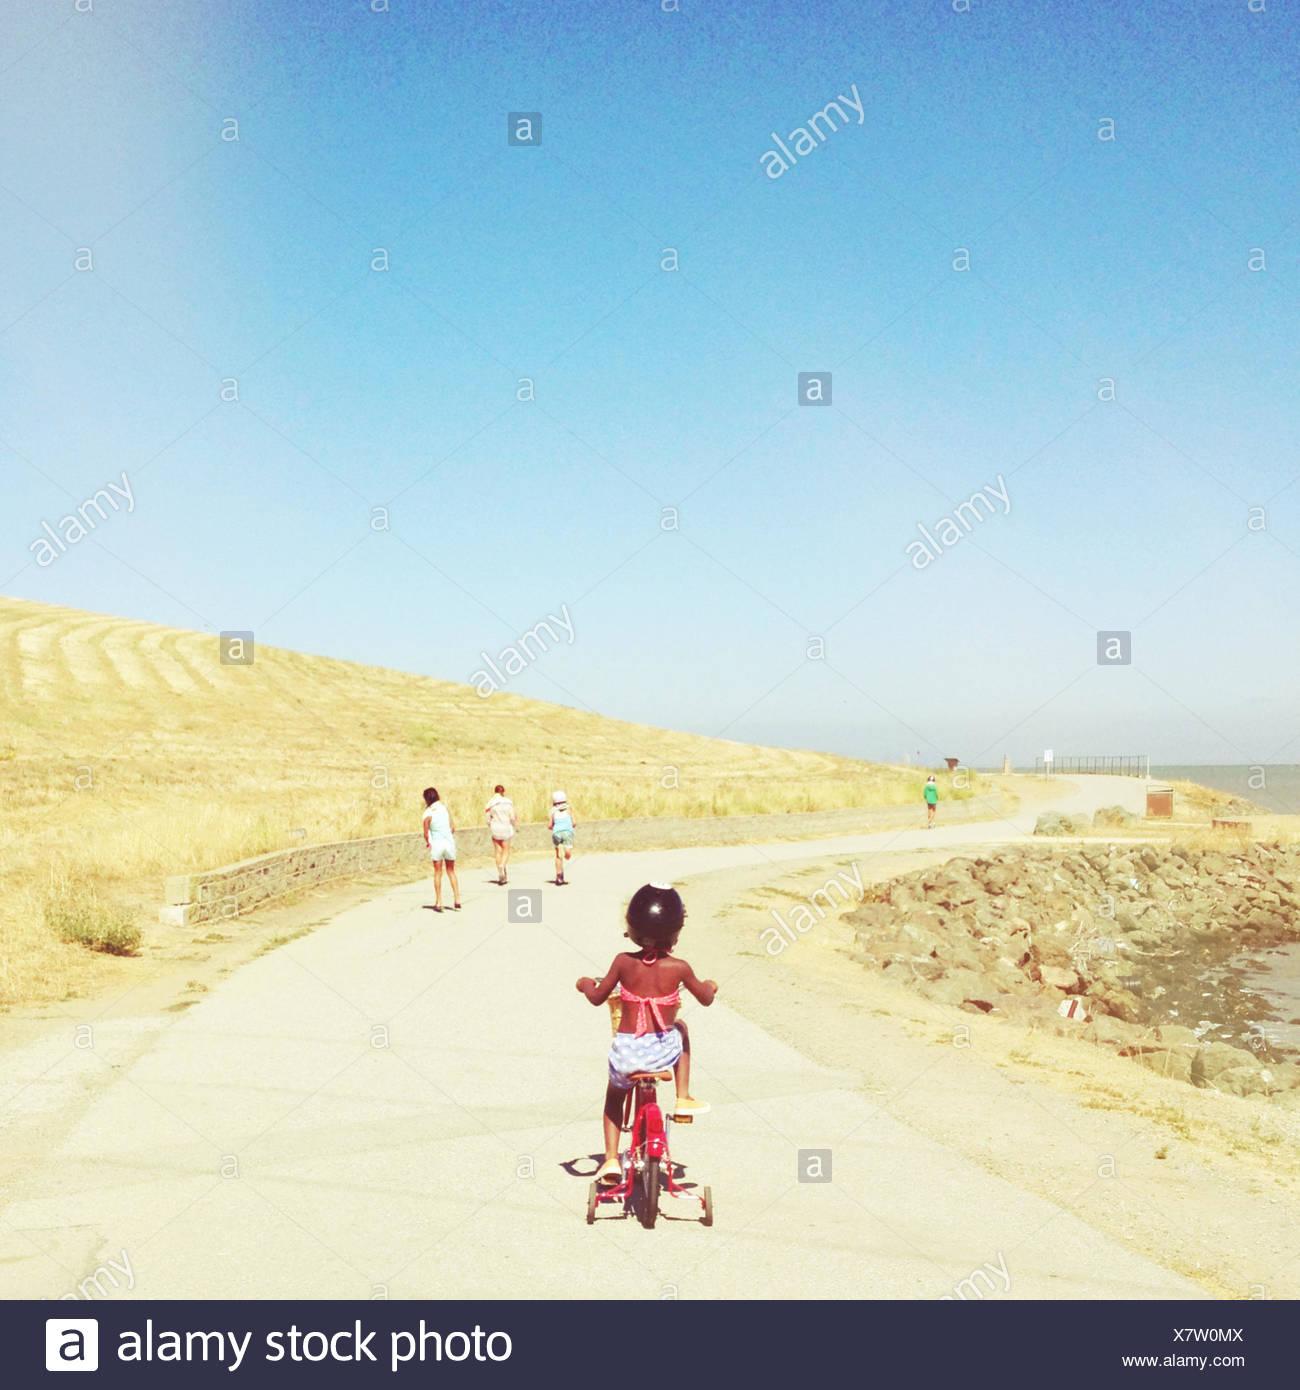 Stati Uniti d'America, la baia di San Francisco, ragazza in bicicletta sulla giornata di sole Immagini Stock